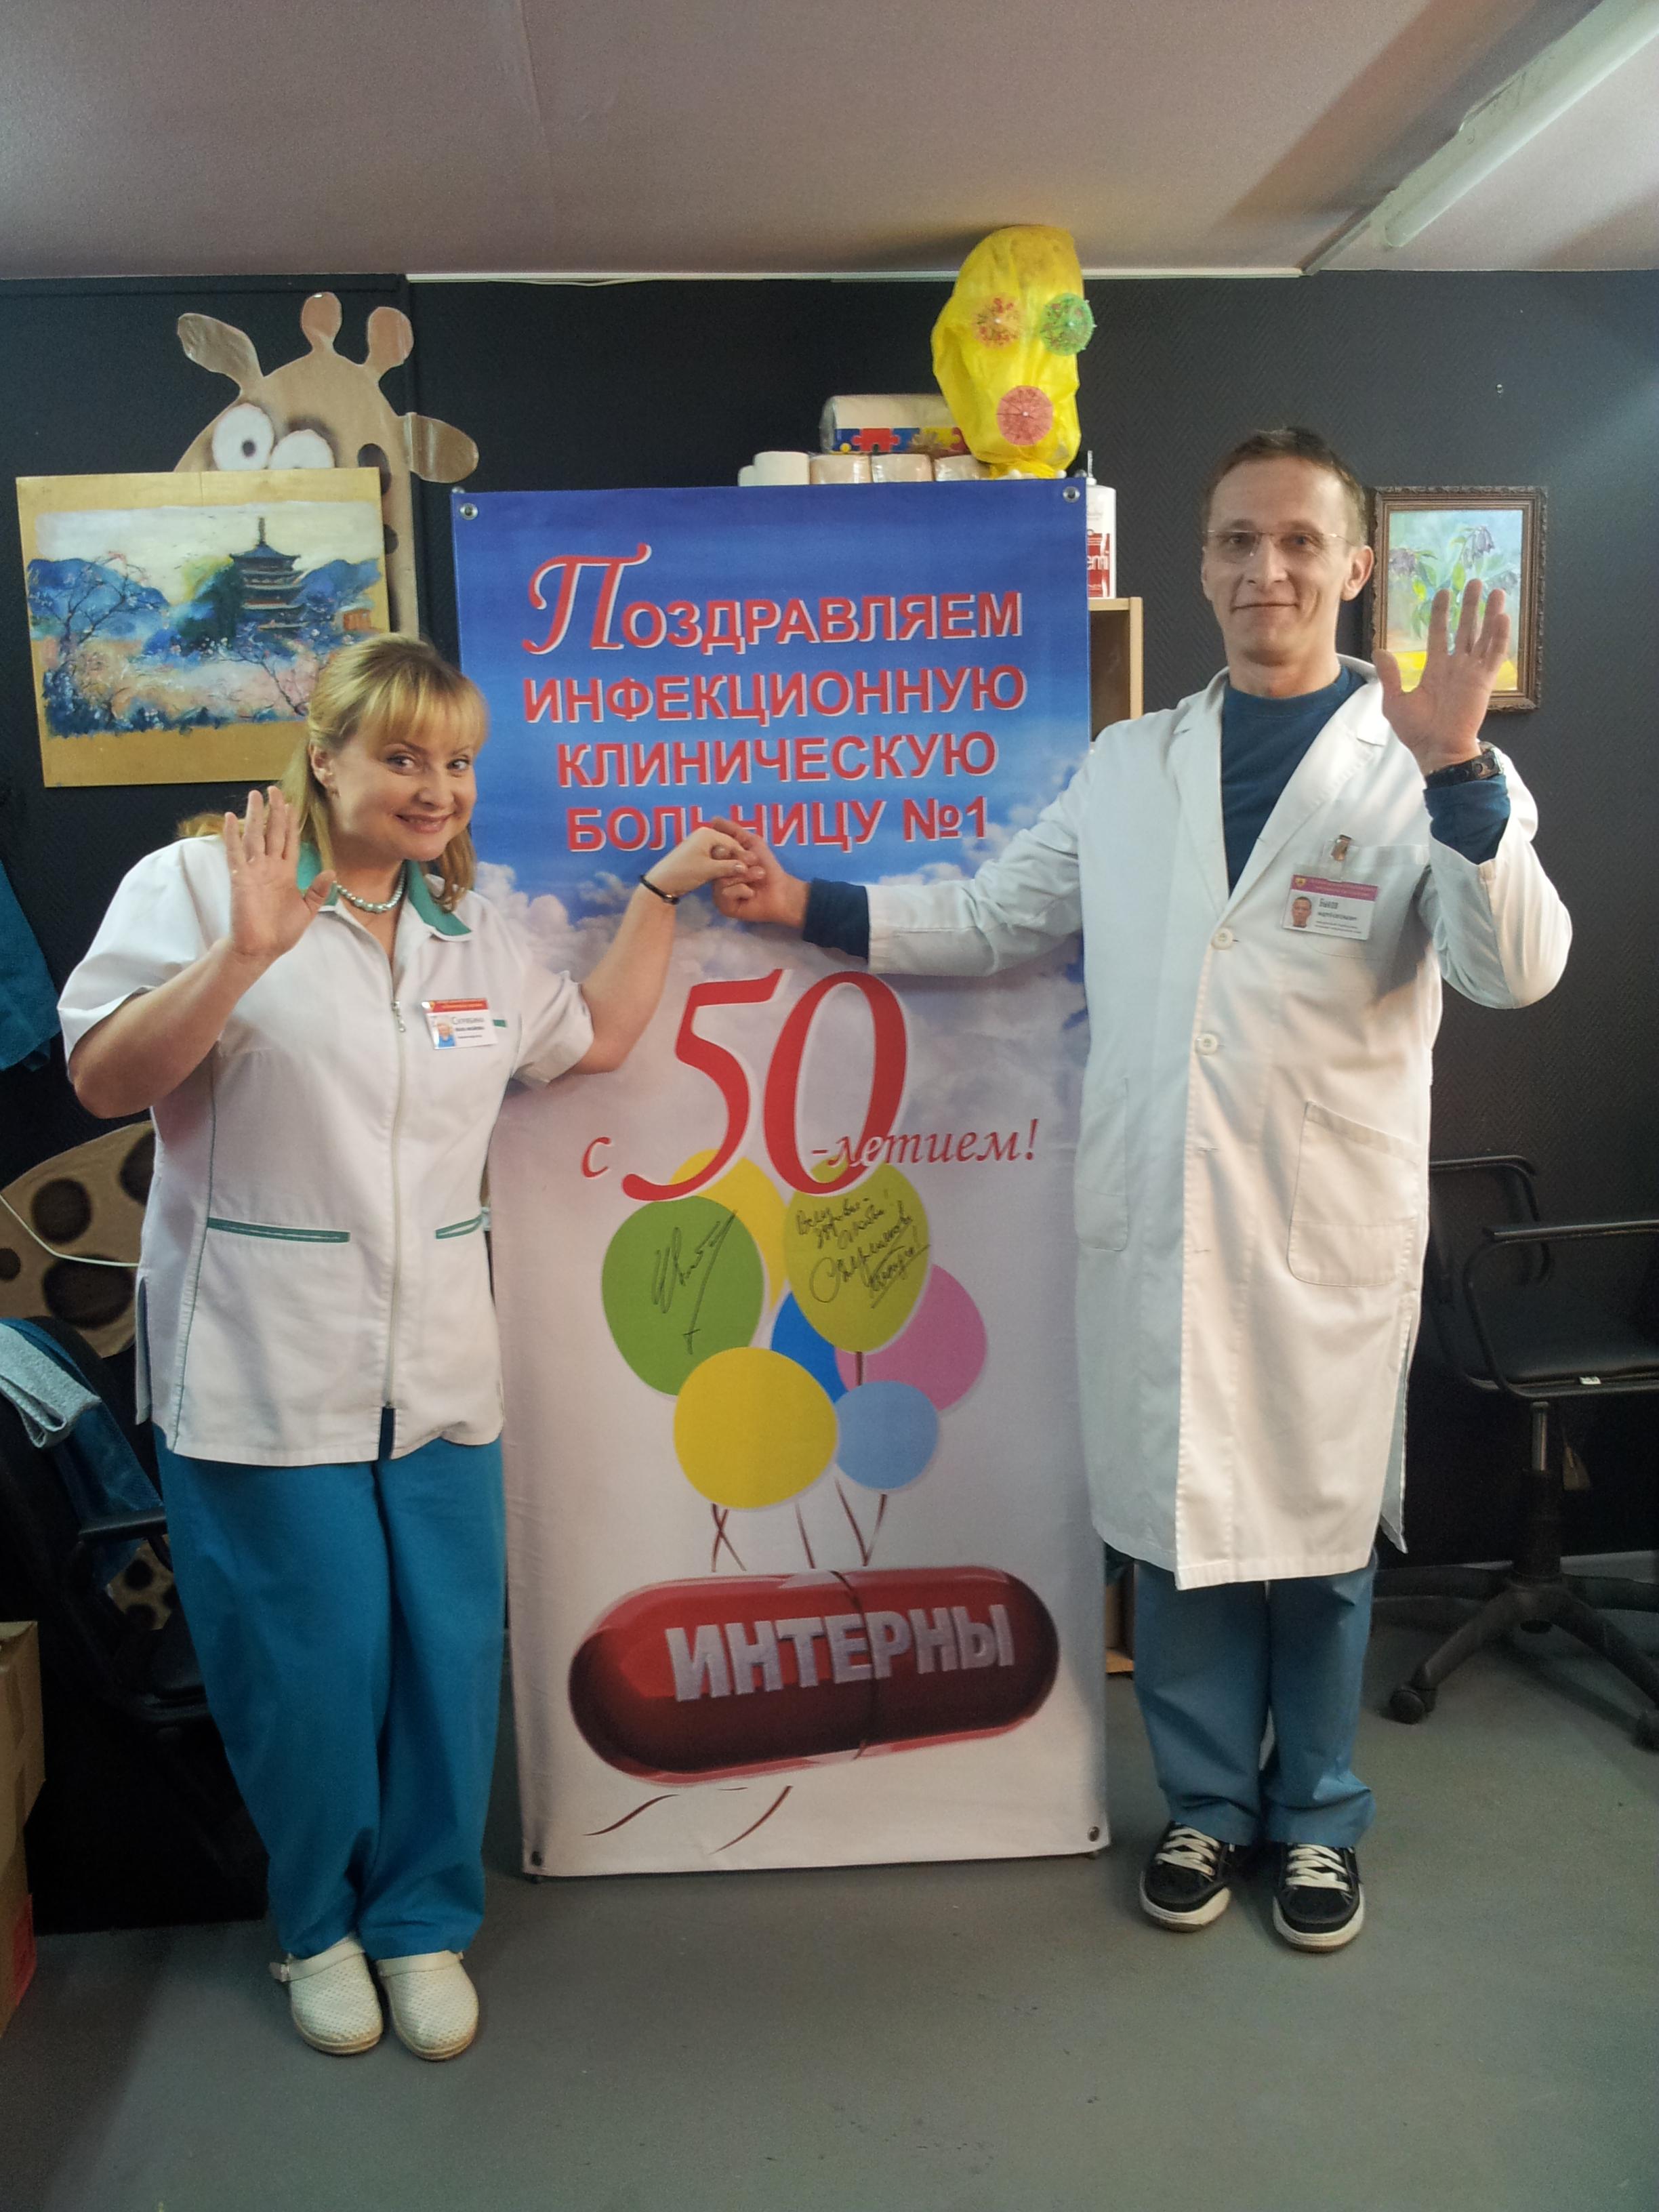 Поздравление с юбилеем больницы фото 305